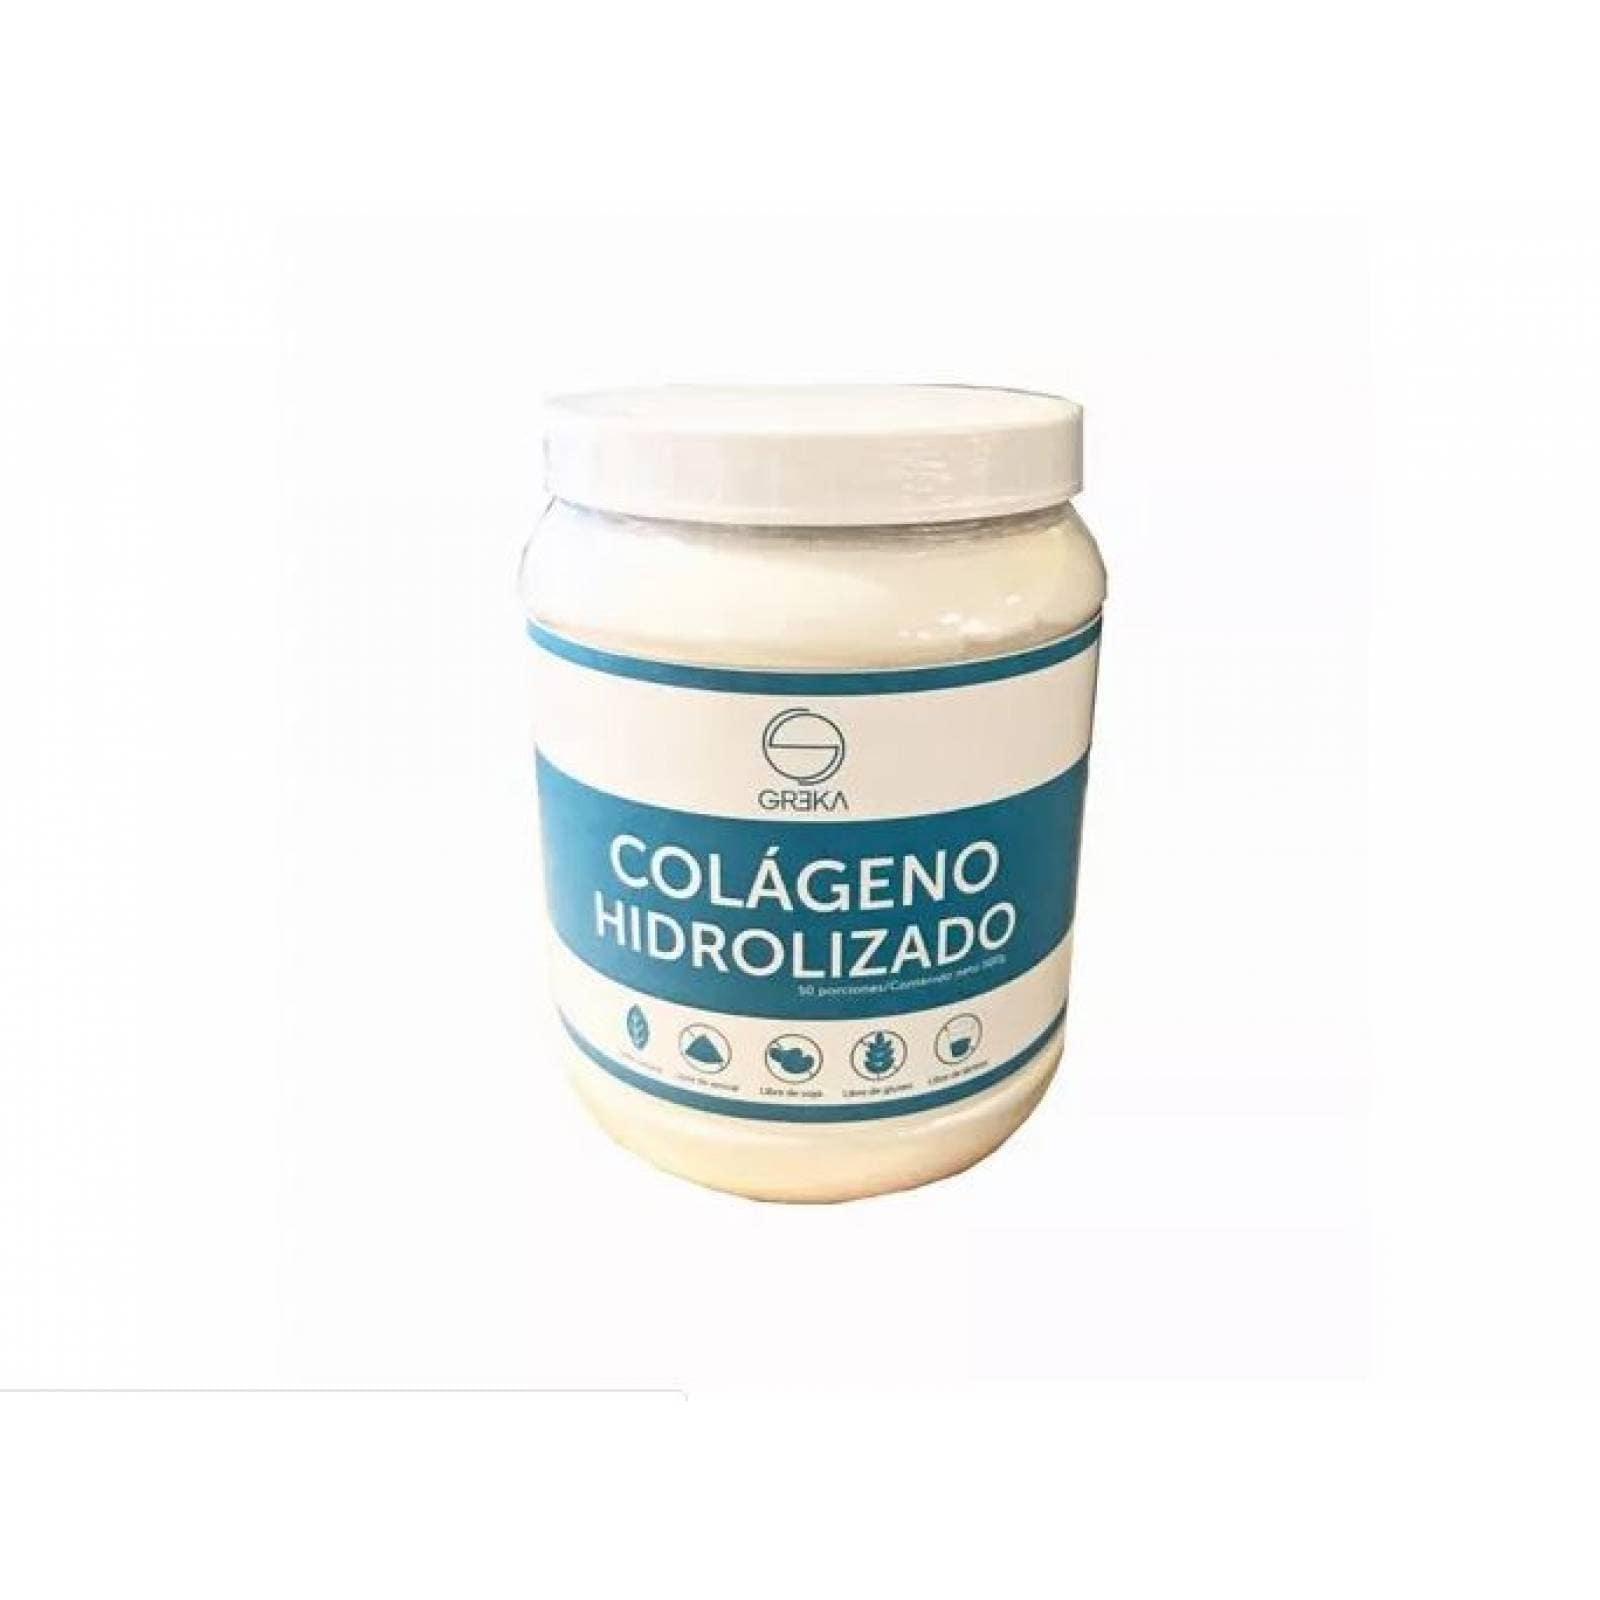 Colágeno Hidrolizado puro sumplemento polvo Greka 500g